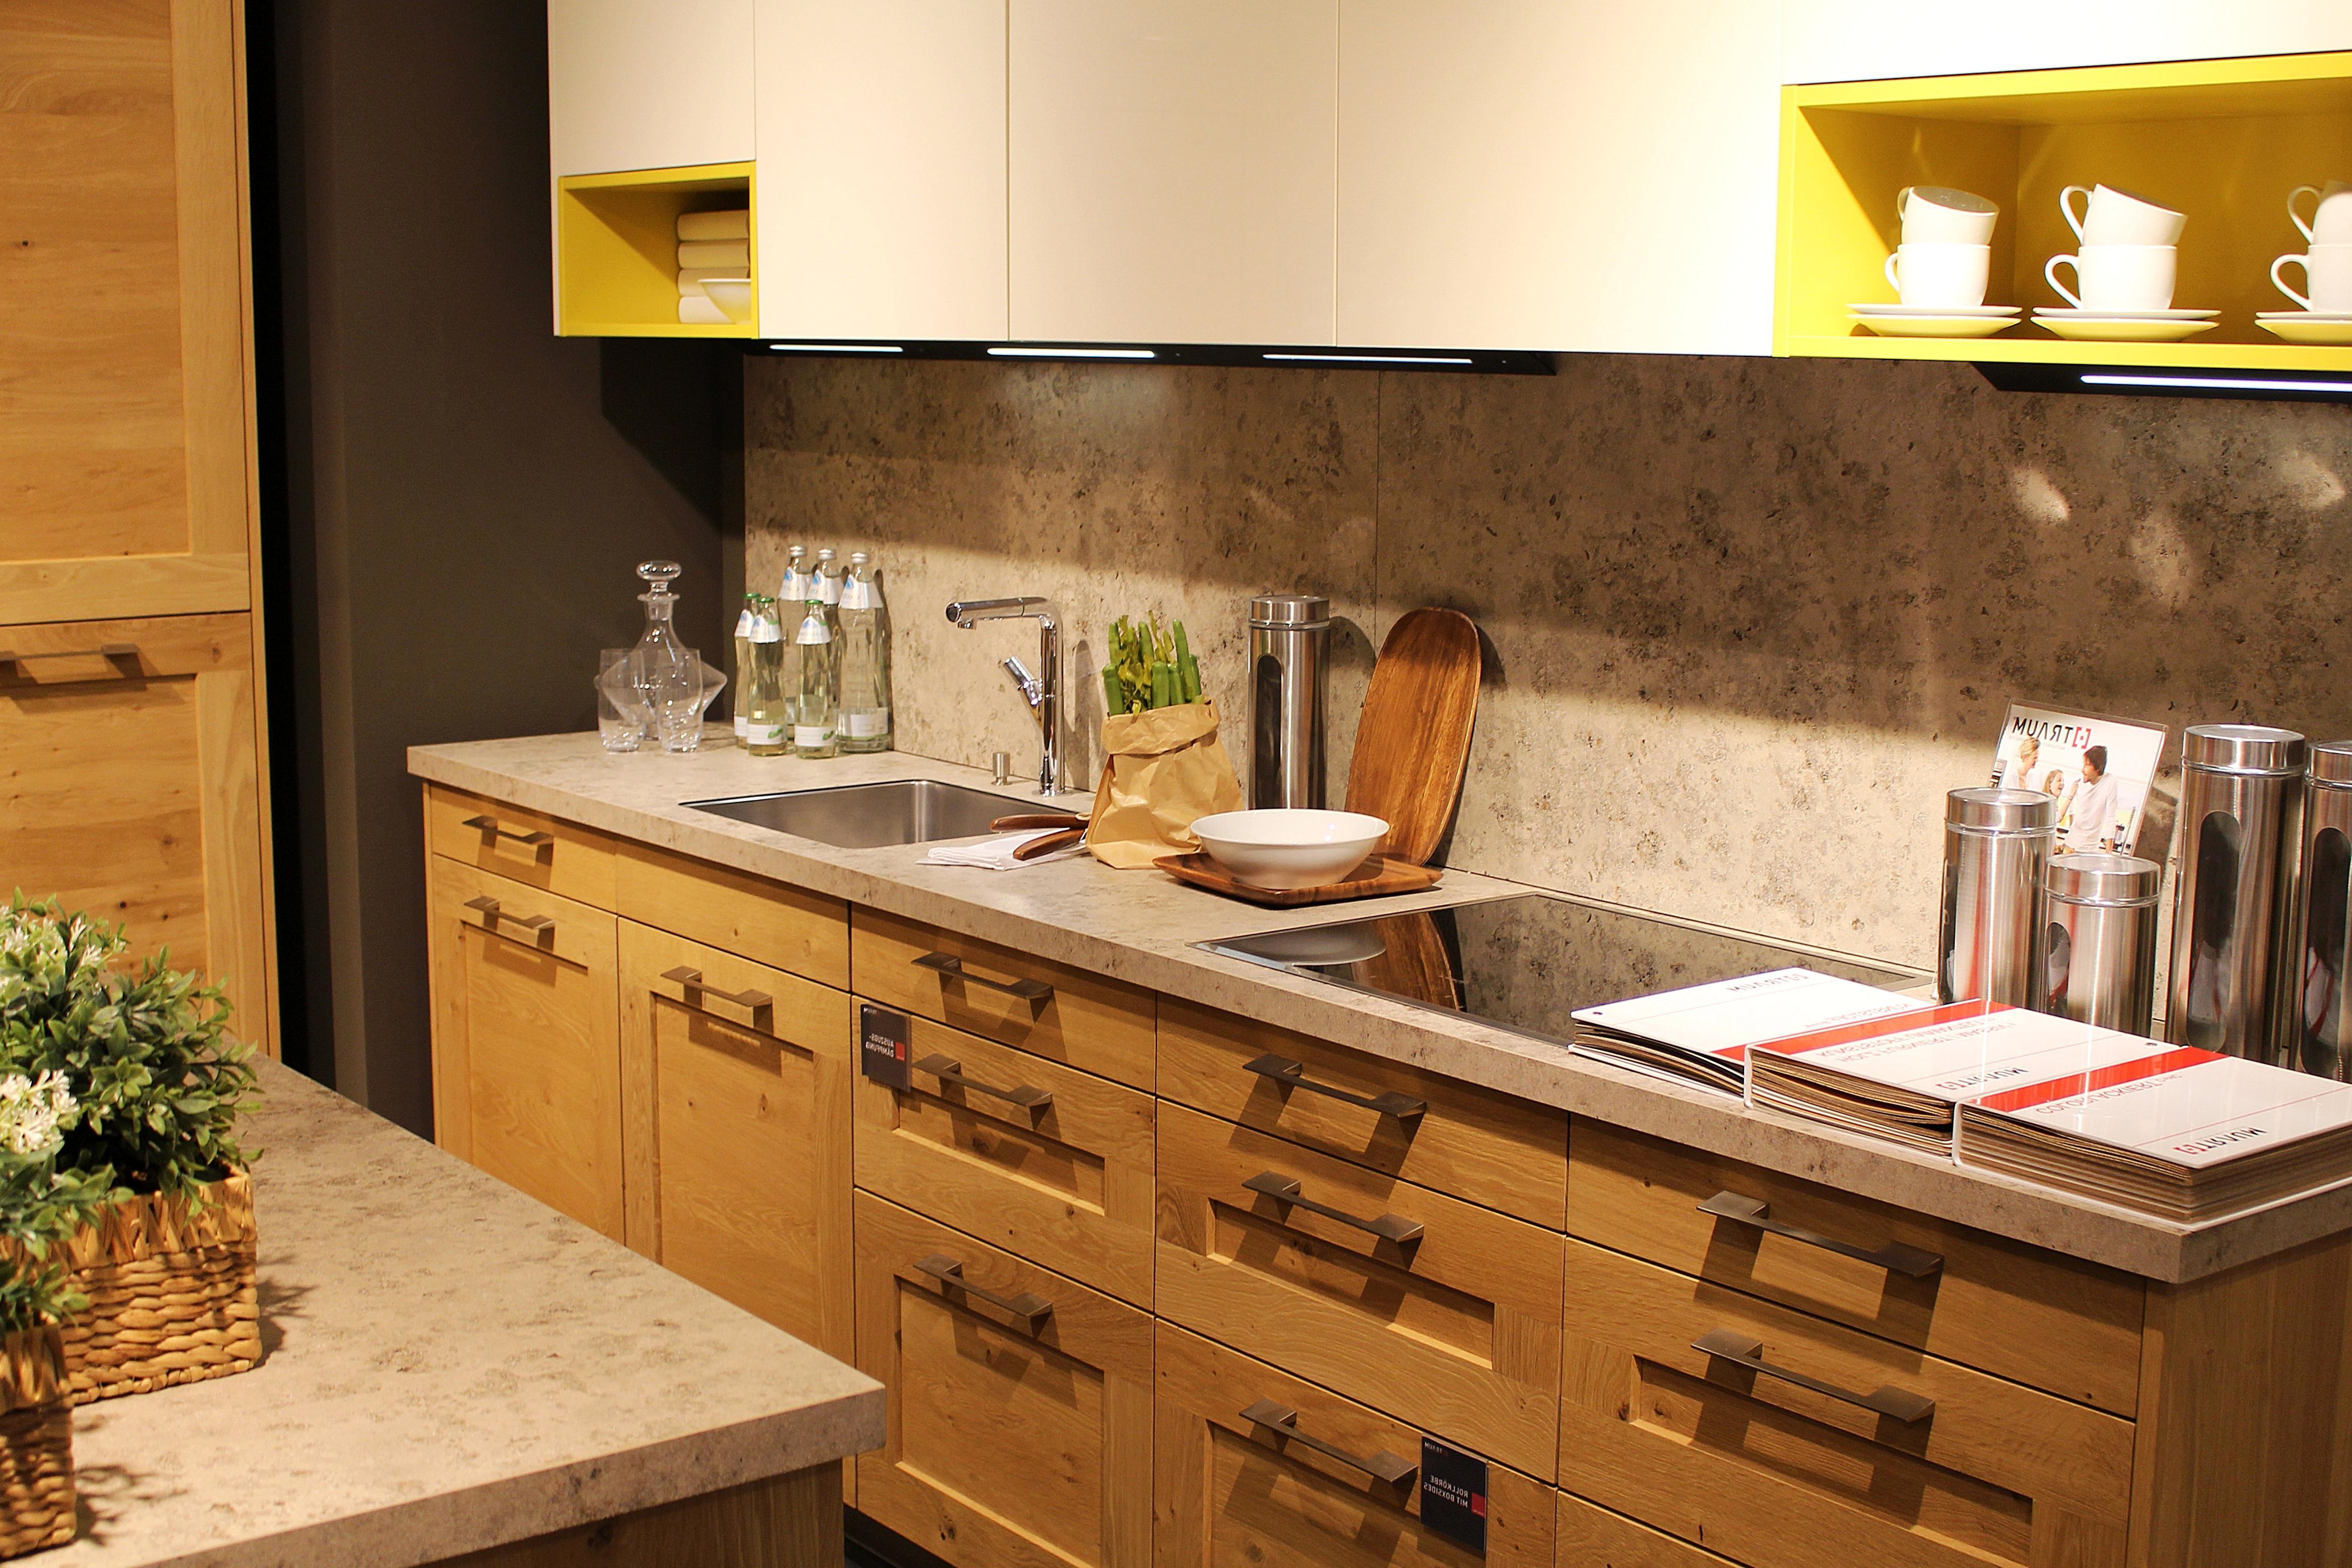 https pixnio com fr interieurs et exterieurs conception interior table de cuisine chambre cuisine mobilier a linterieur robinet armoire placard etagere